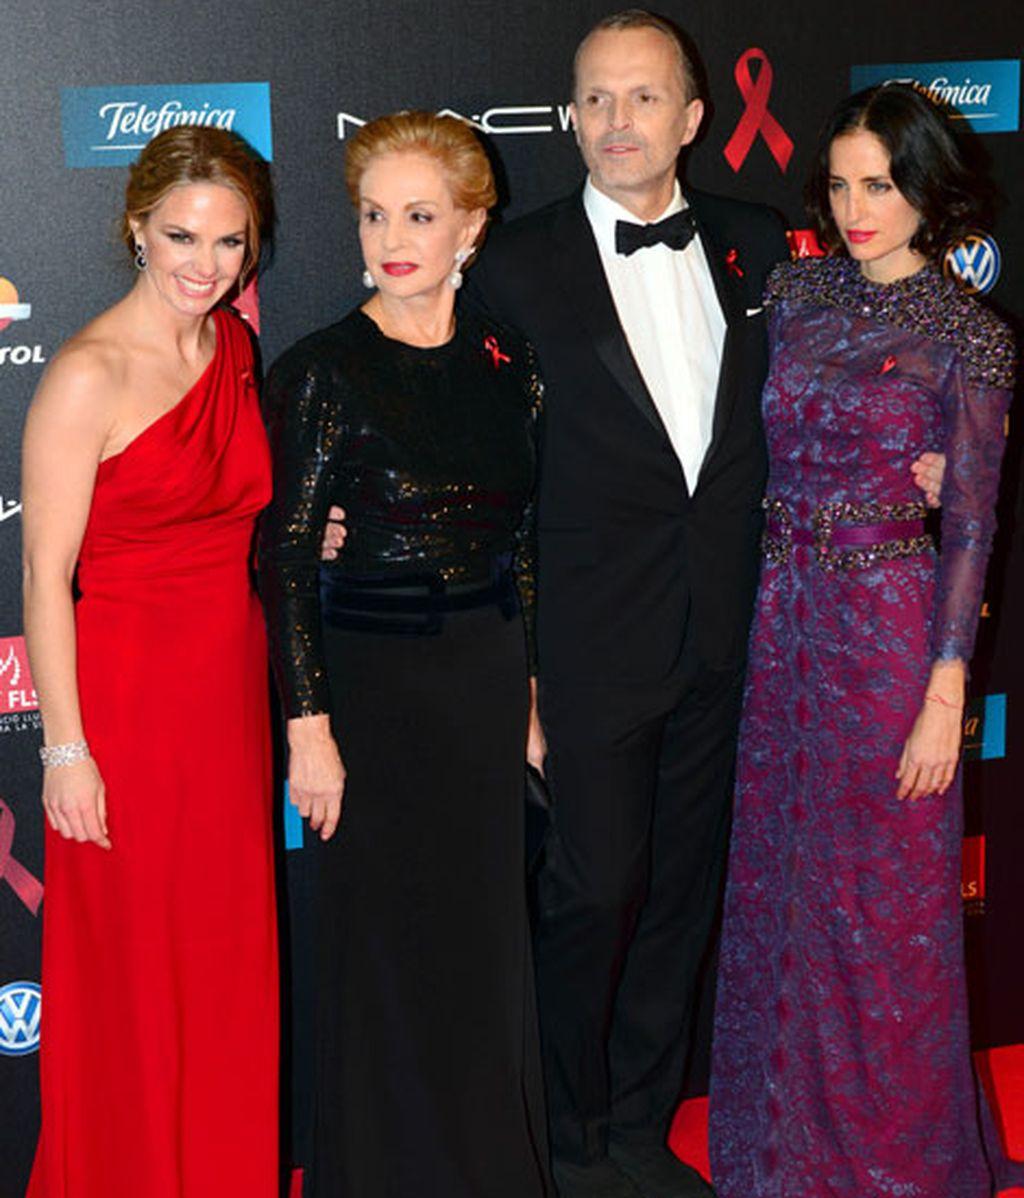 Los embajadores de la gala junto a Carolina Herrera y a Adriana Carolina Herrera